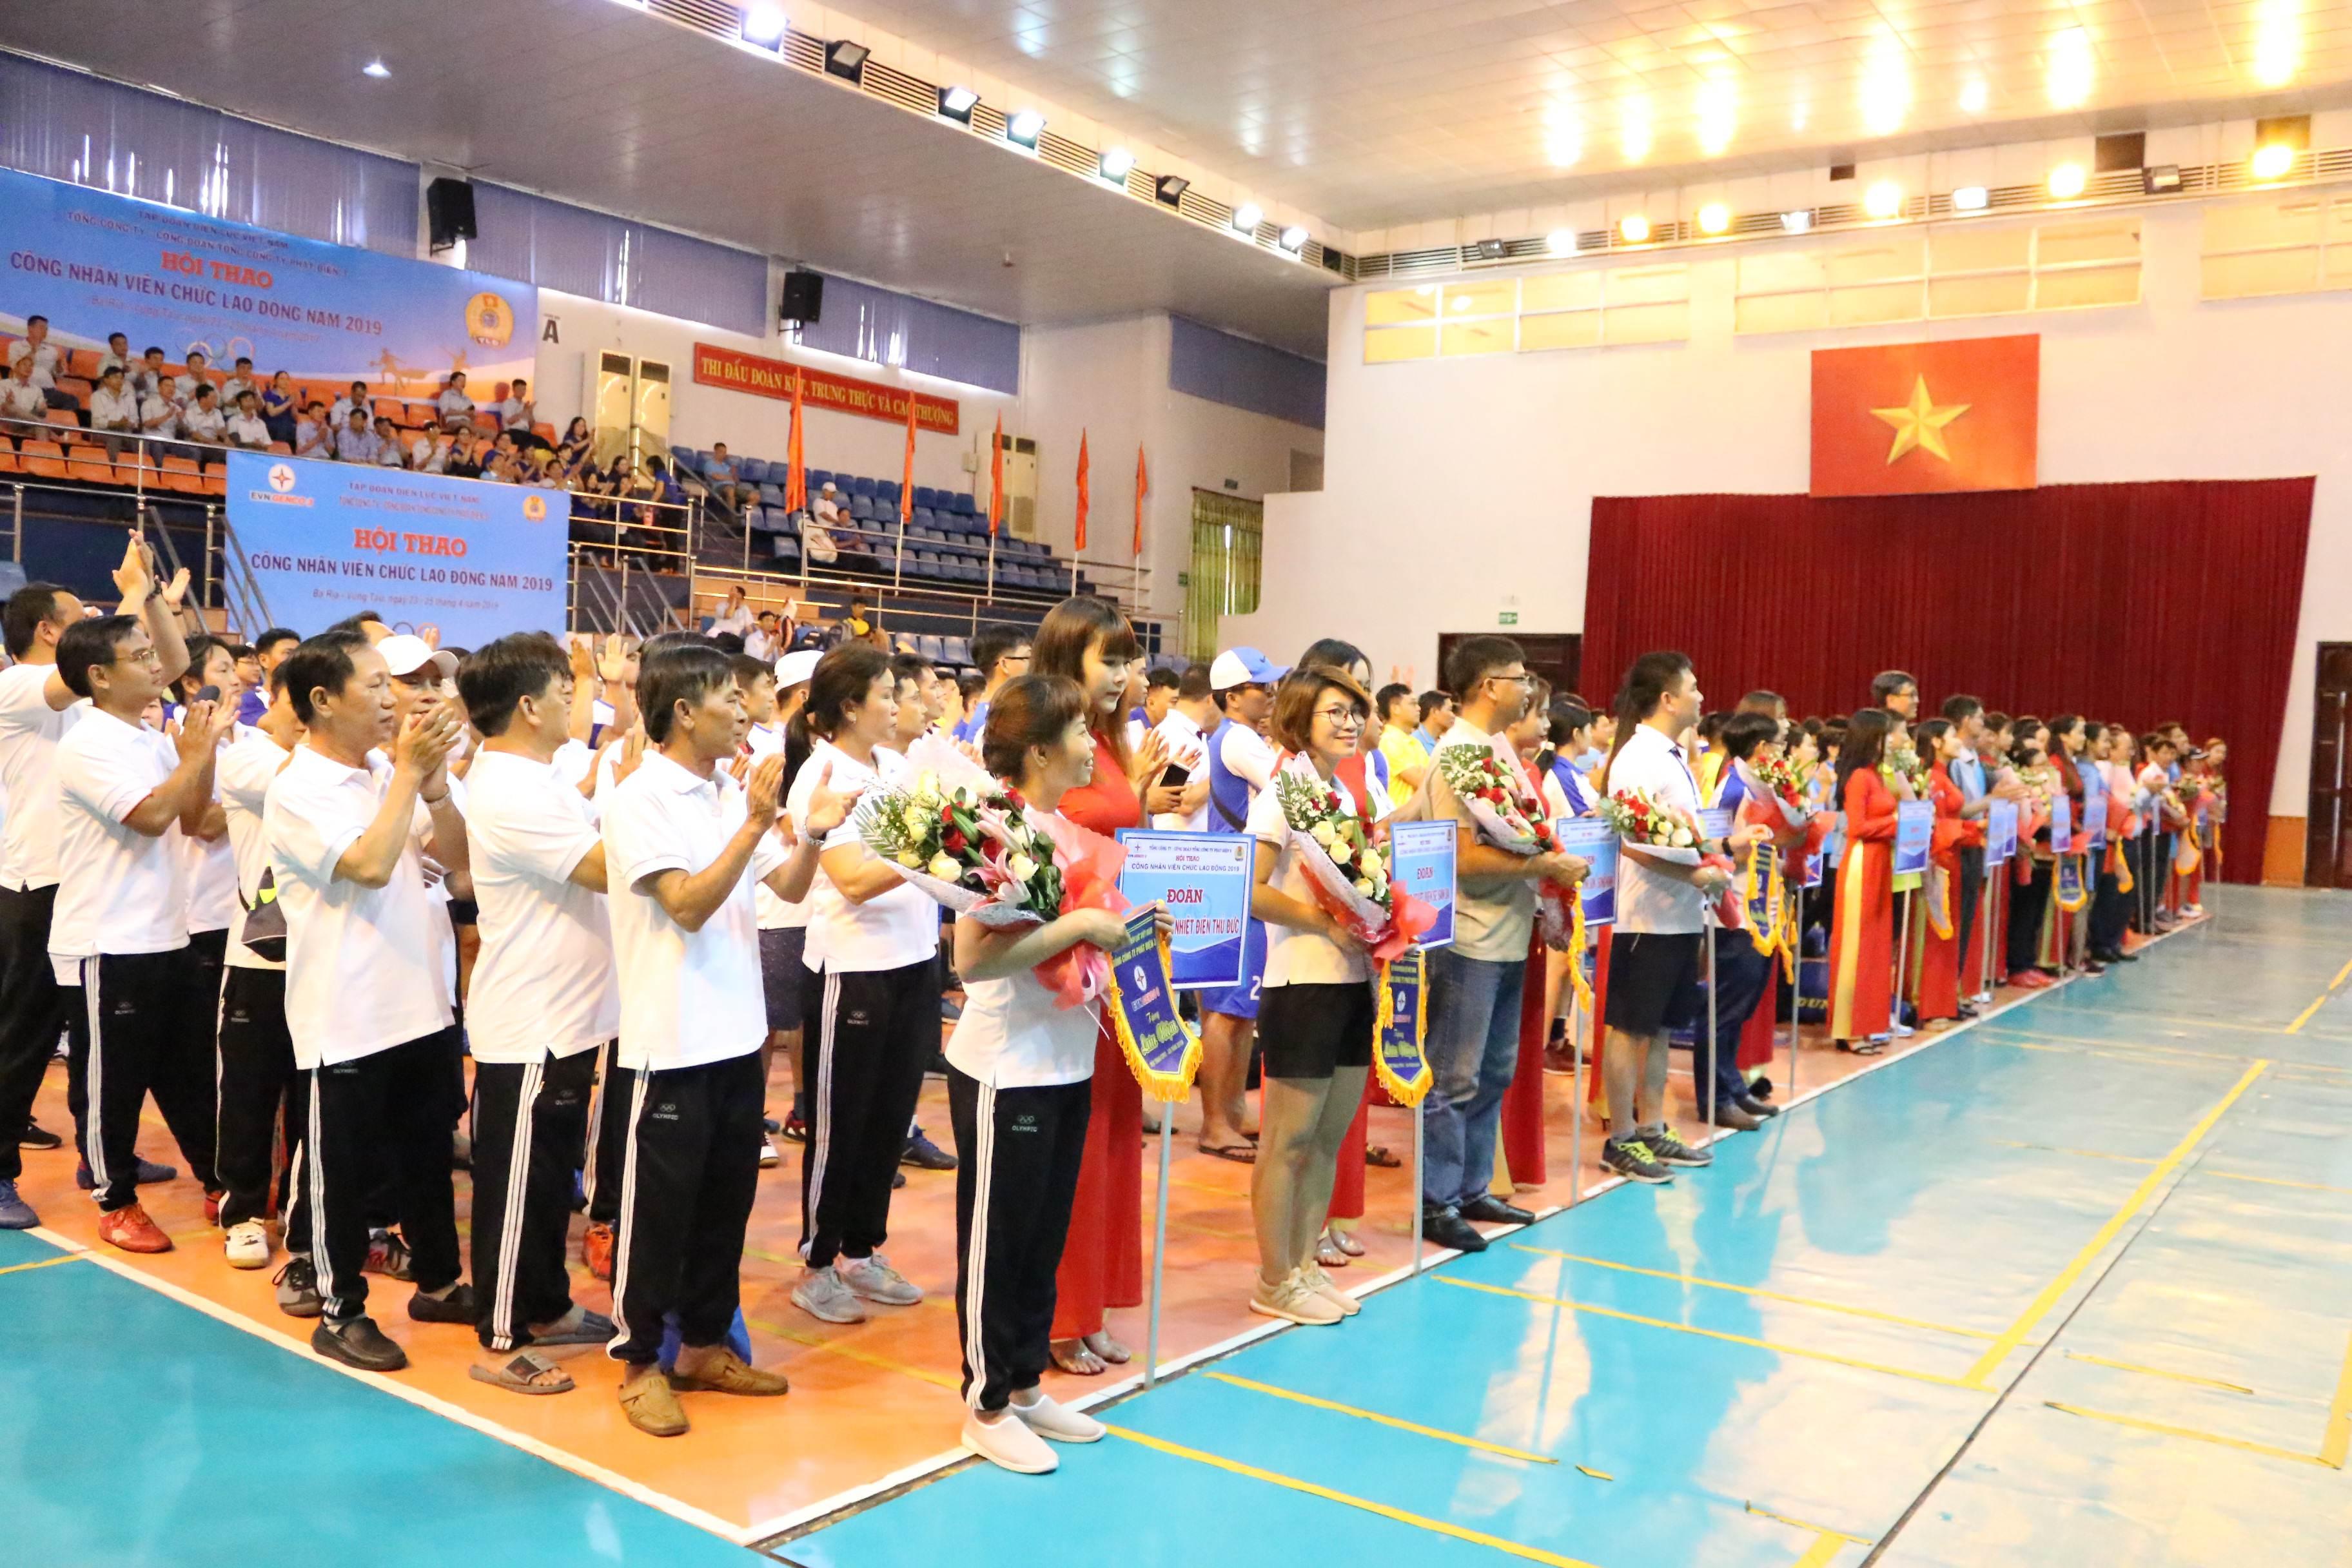 Sê San 3A tham dự Hội thao công nhân viên chức lao động Tổng công ty Phát điện 3 năm 2019